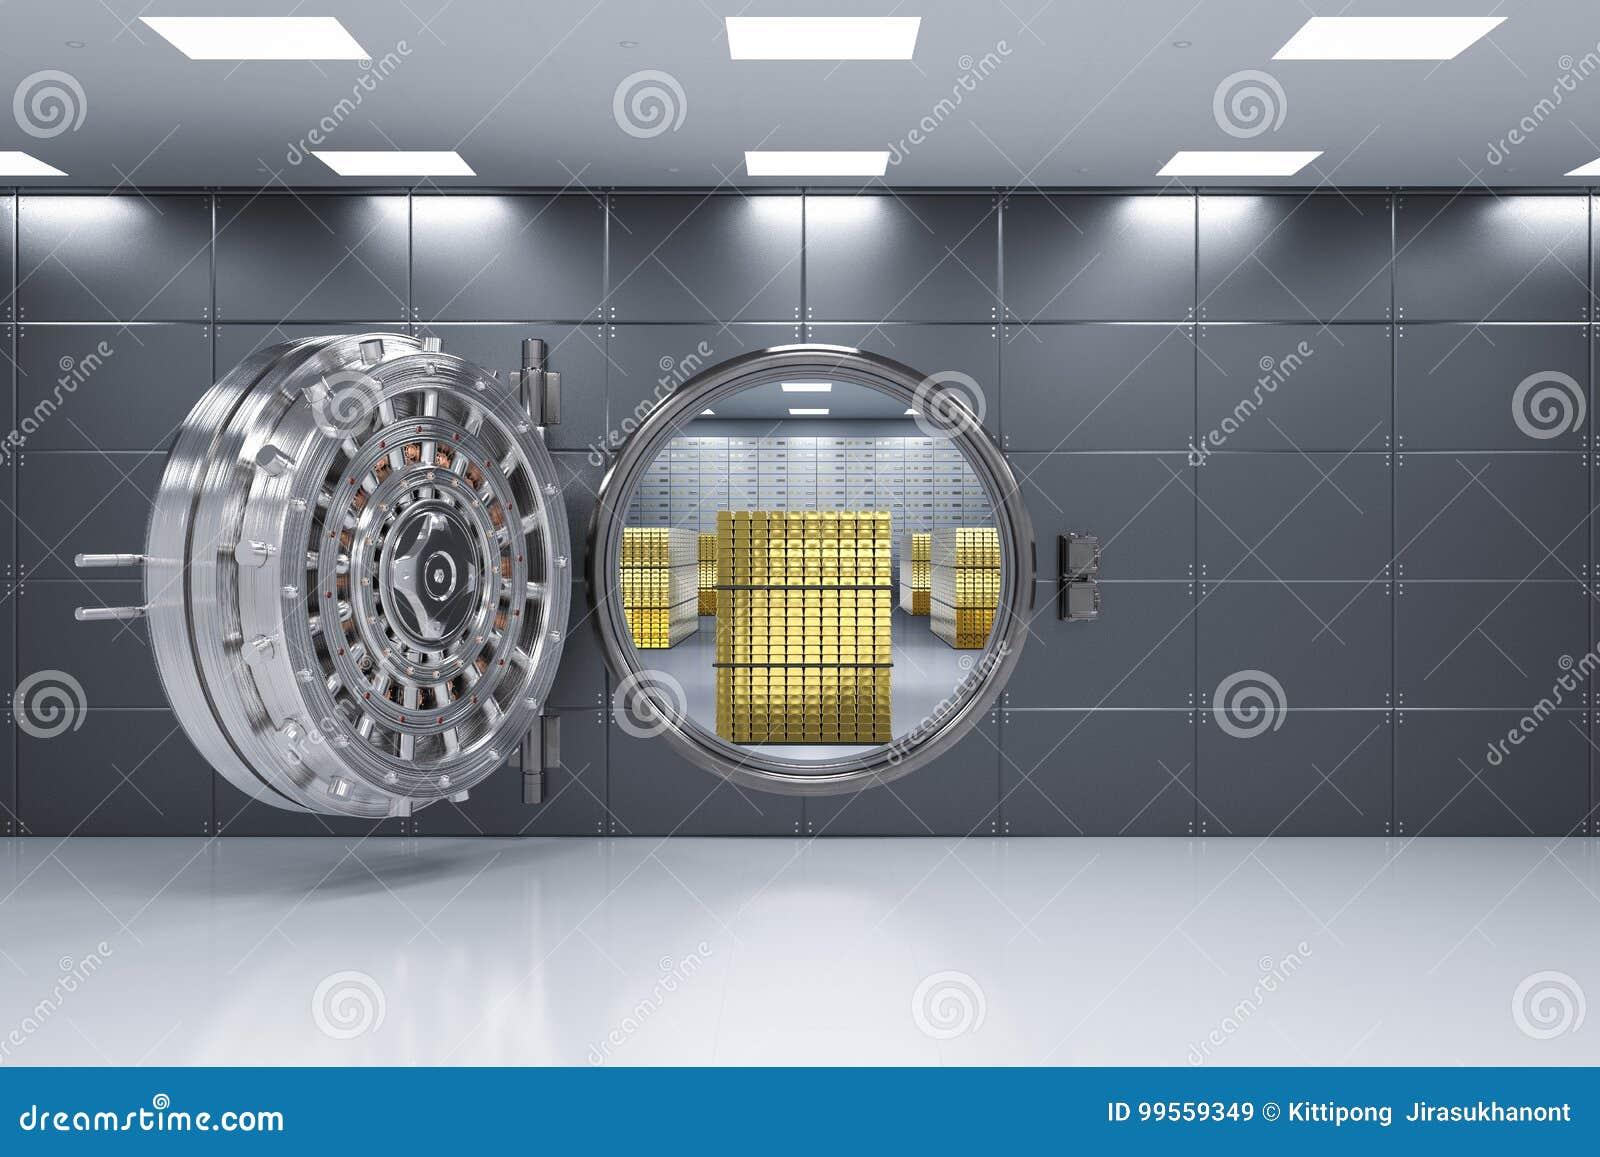 Раскрытое банковское хранилище